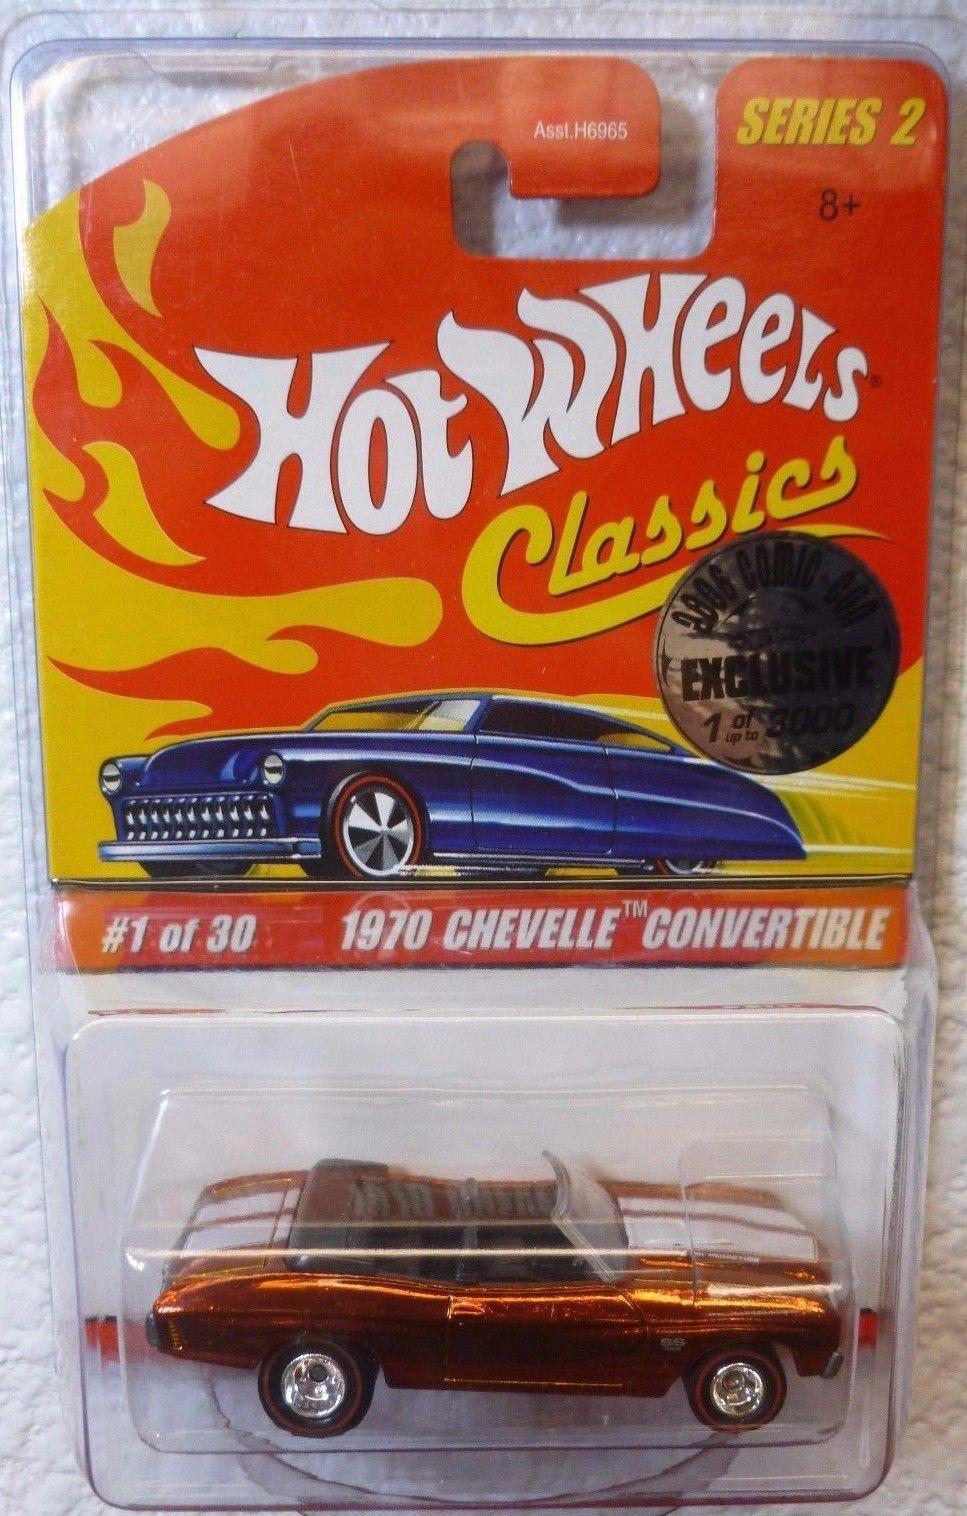 2006 Comic Con Hot Wheels Classics Series 2 1970 Chevelle Chevelle Chevelle Converdeible 5204d3